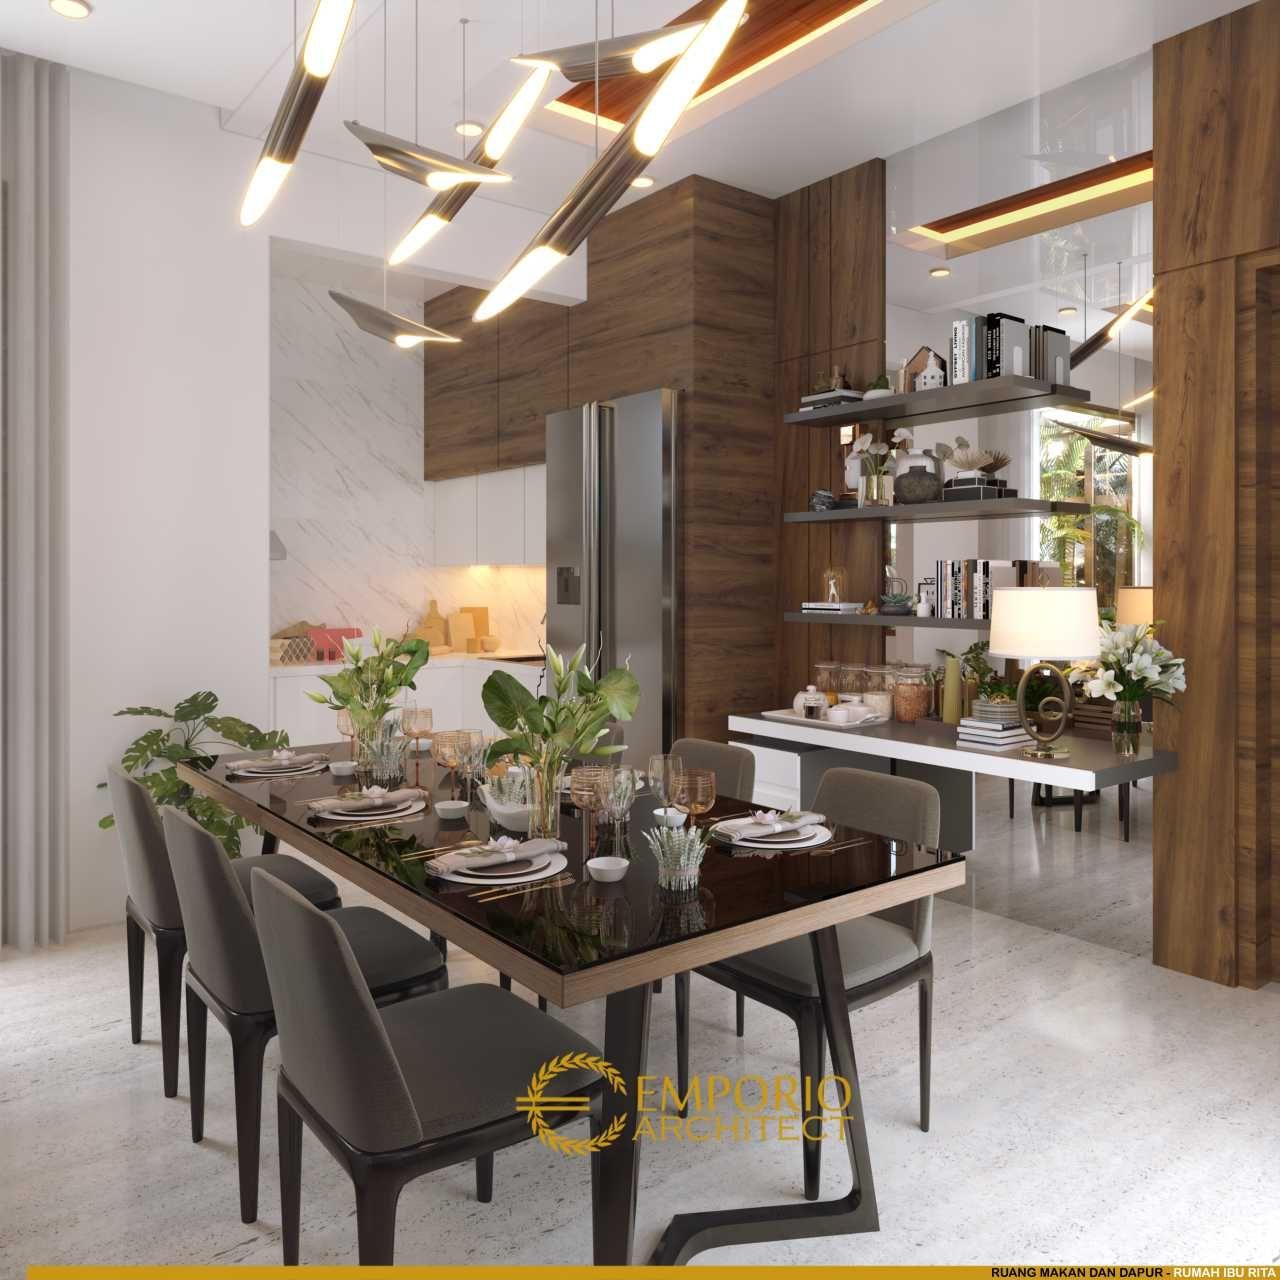 Desain Rumah Villa Bali 2 Lantai Ibu Rita Di Jakarta Barat Di 2020   Desain Rumah, Rumah, Desain Ruang Makan